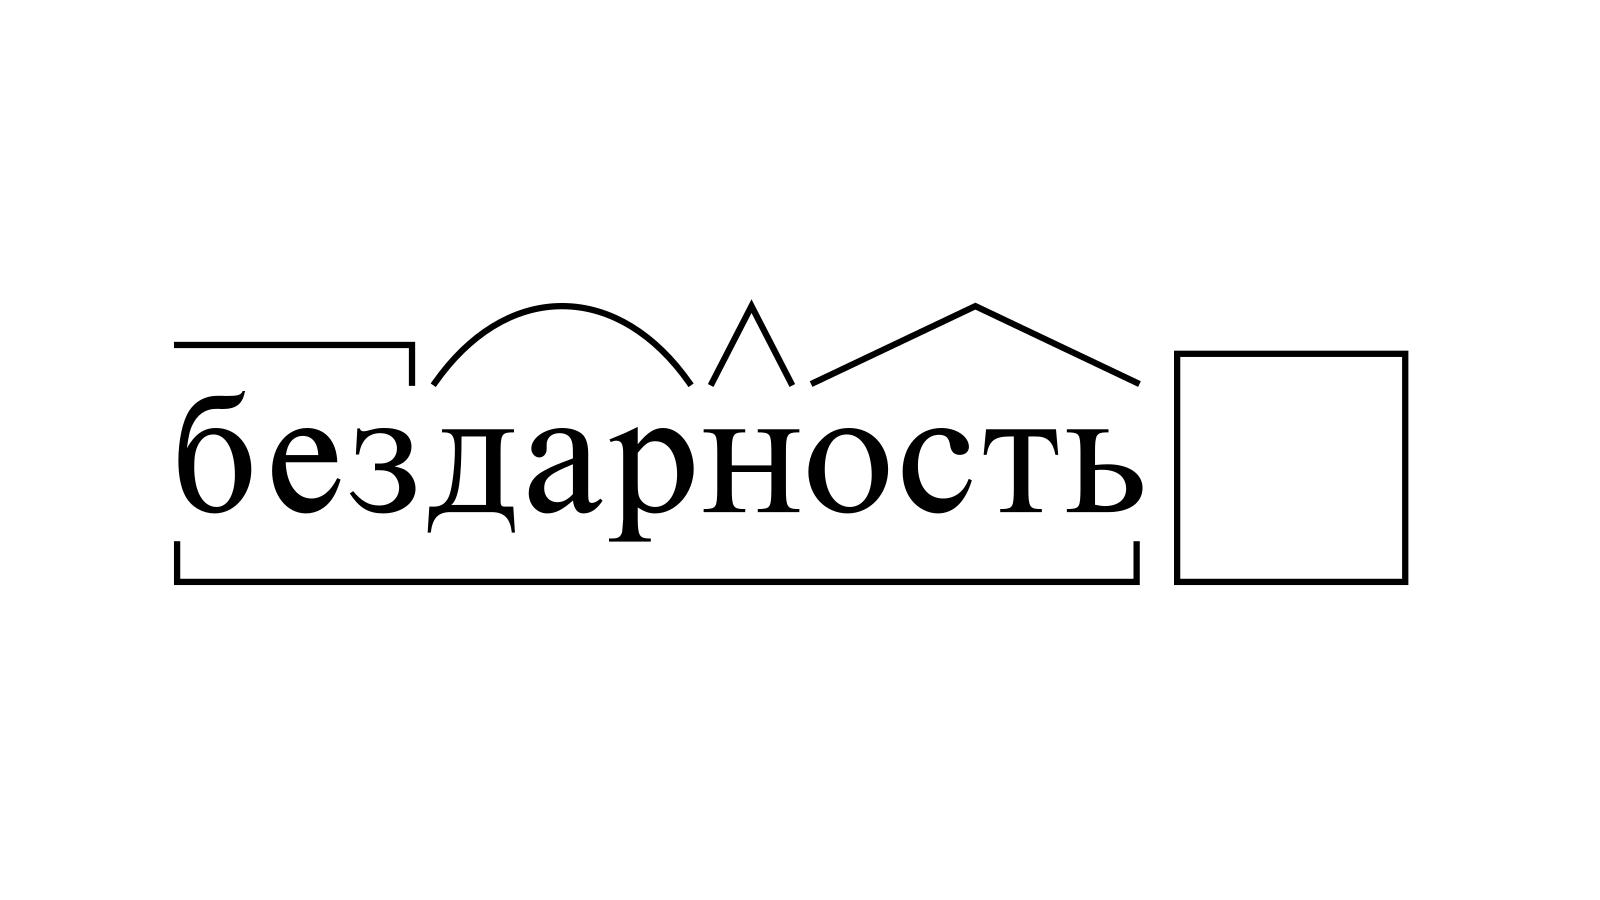 Разбор слова «бездарность» по составу